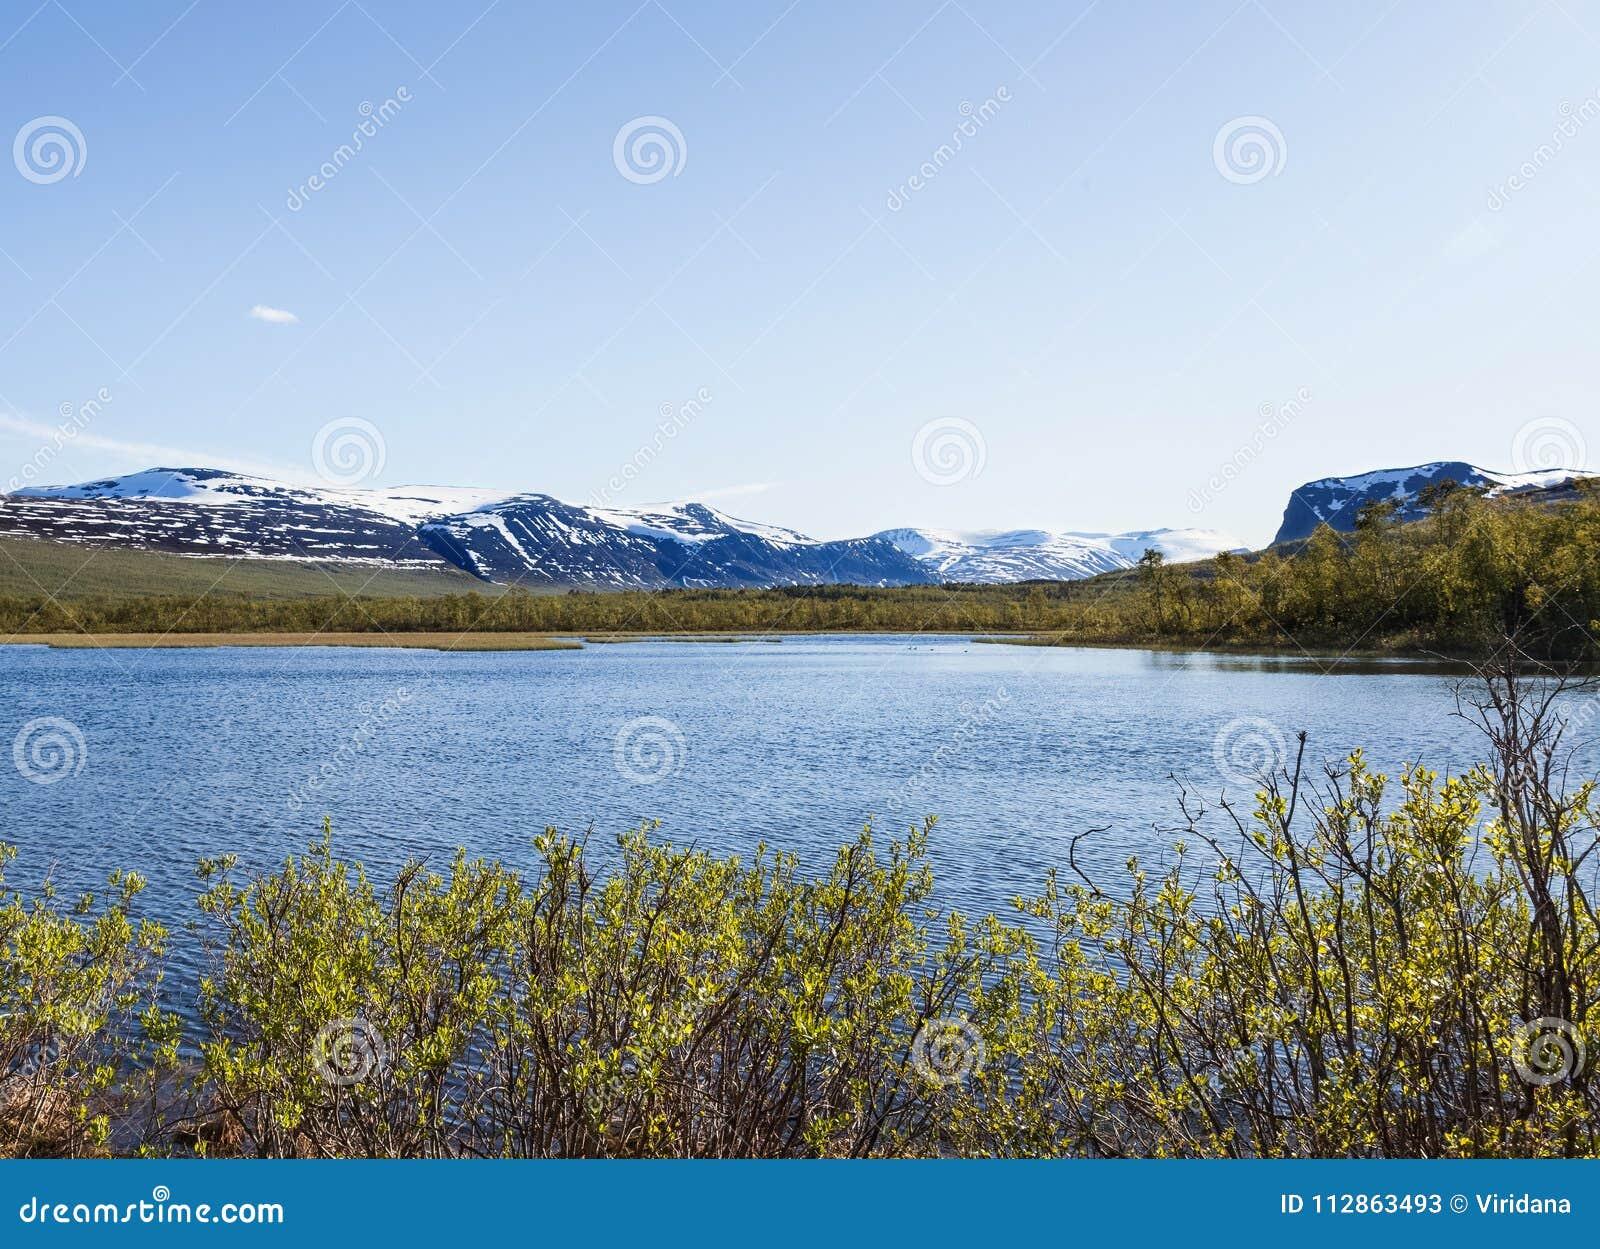 Widok od Nikkaloukta w kierunku Szwecja ` s wysokiego pasma górskiego z Kebnekaise jako wysoki szczyt